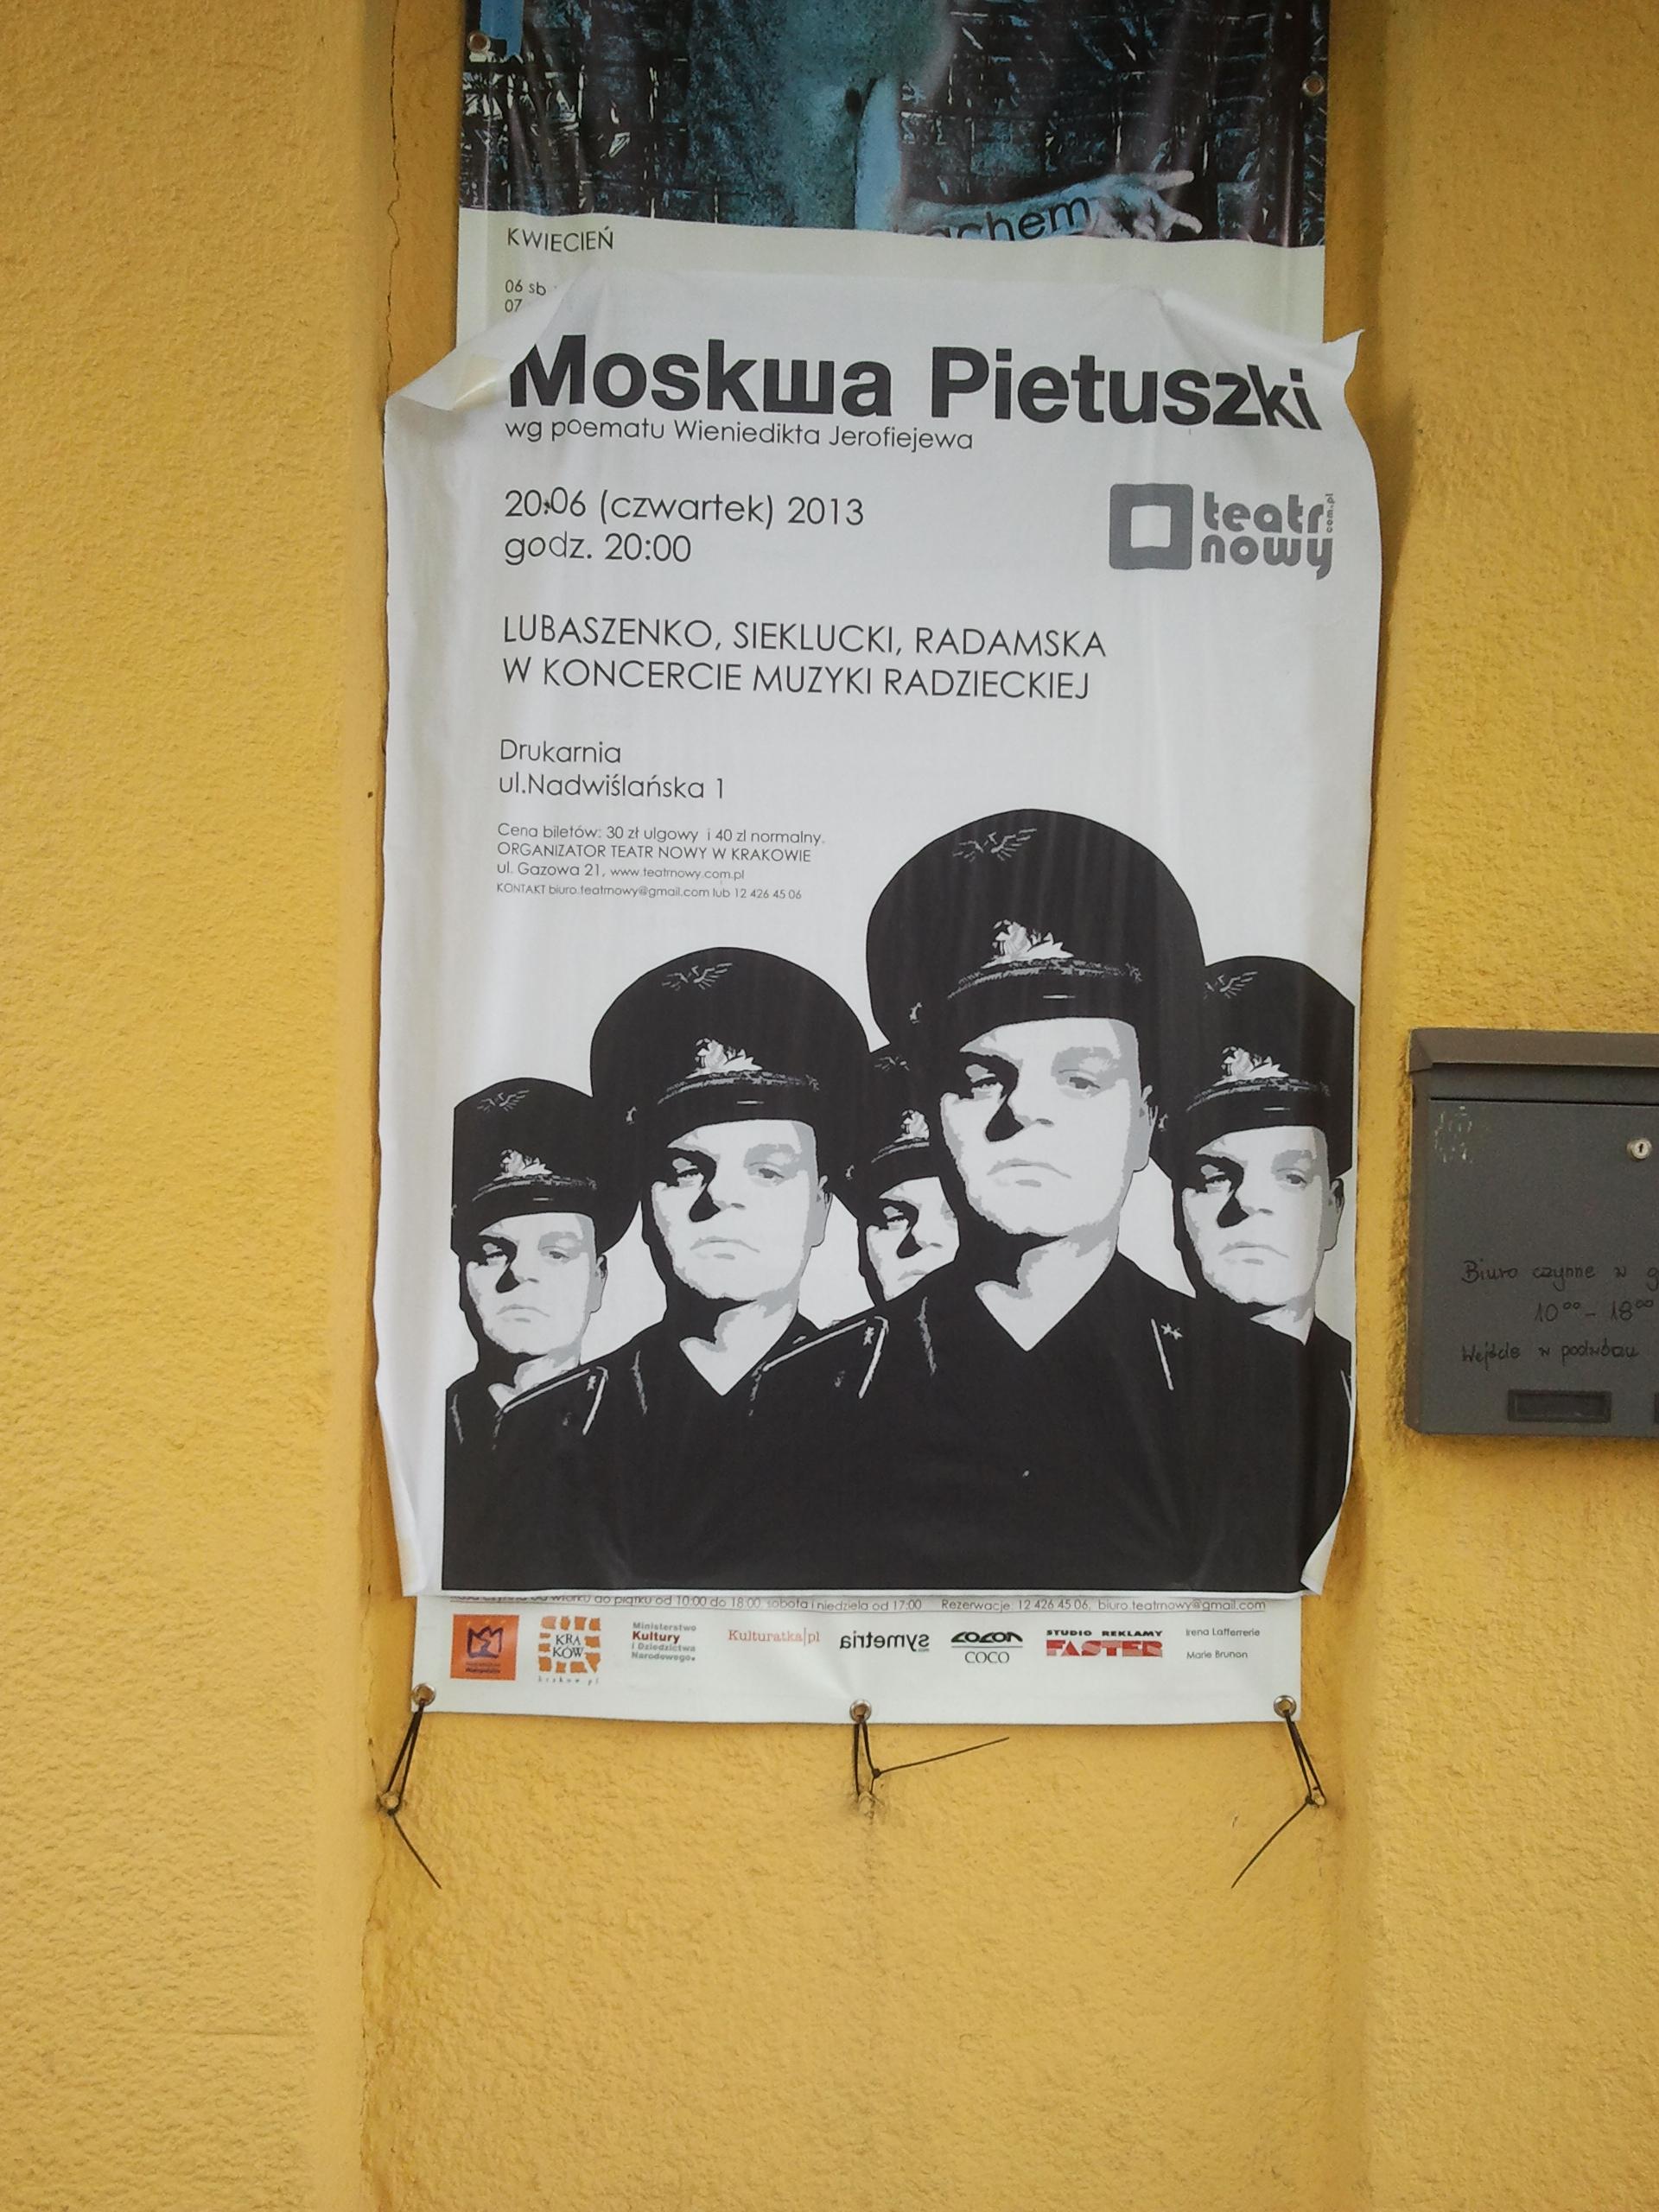 Moskwa Pietuszki (theatre poster)